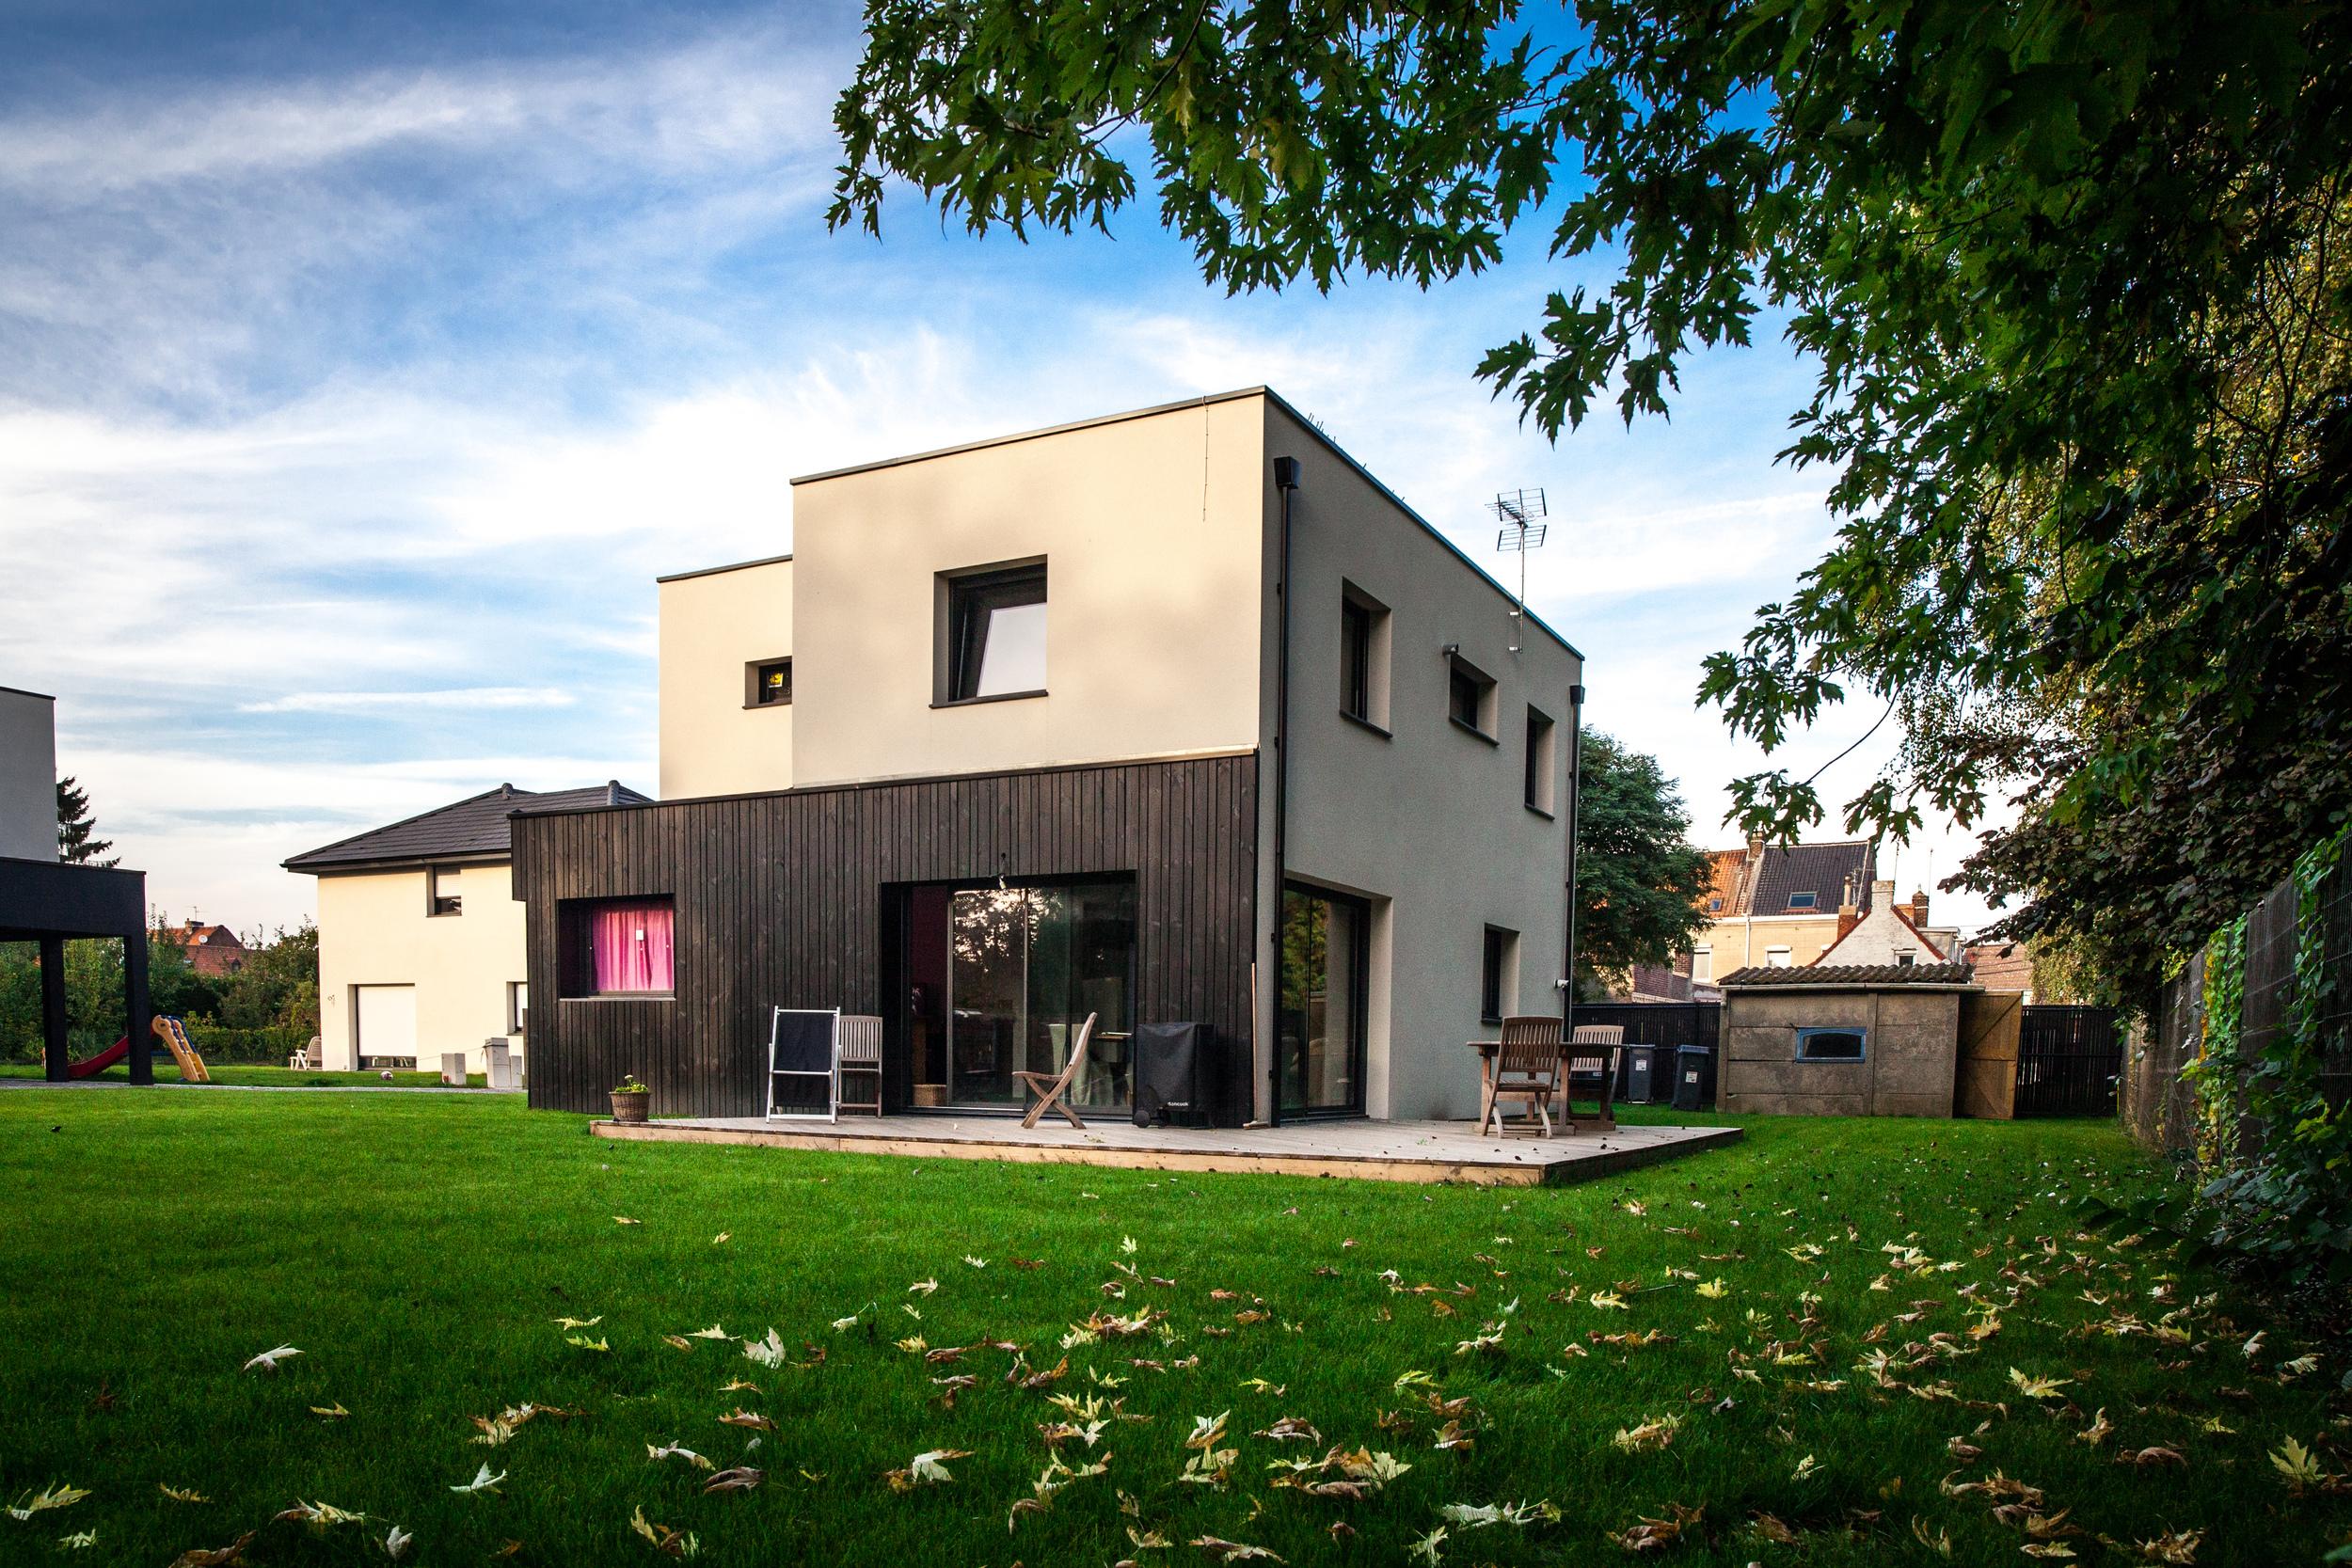 Prises de vue architecturales en vue de la communication de la société Baticoncept.